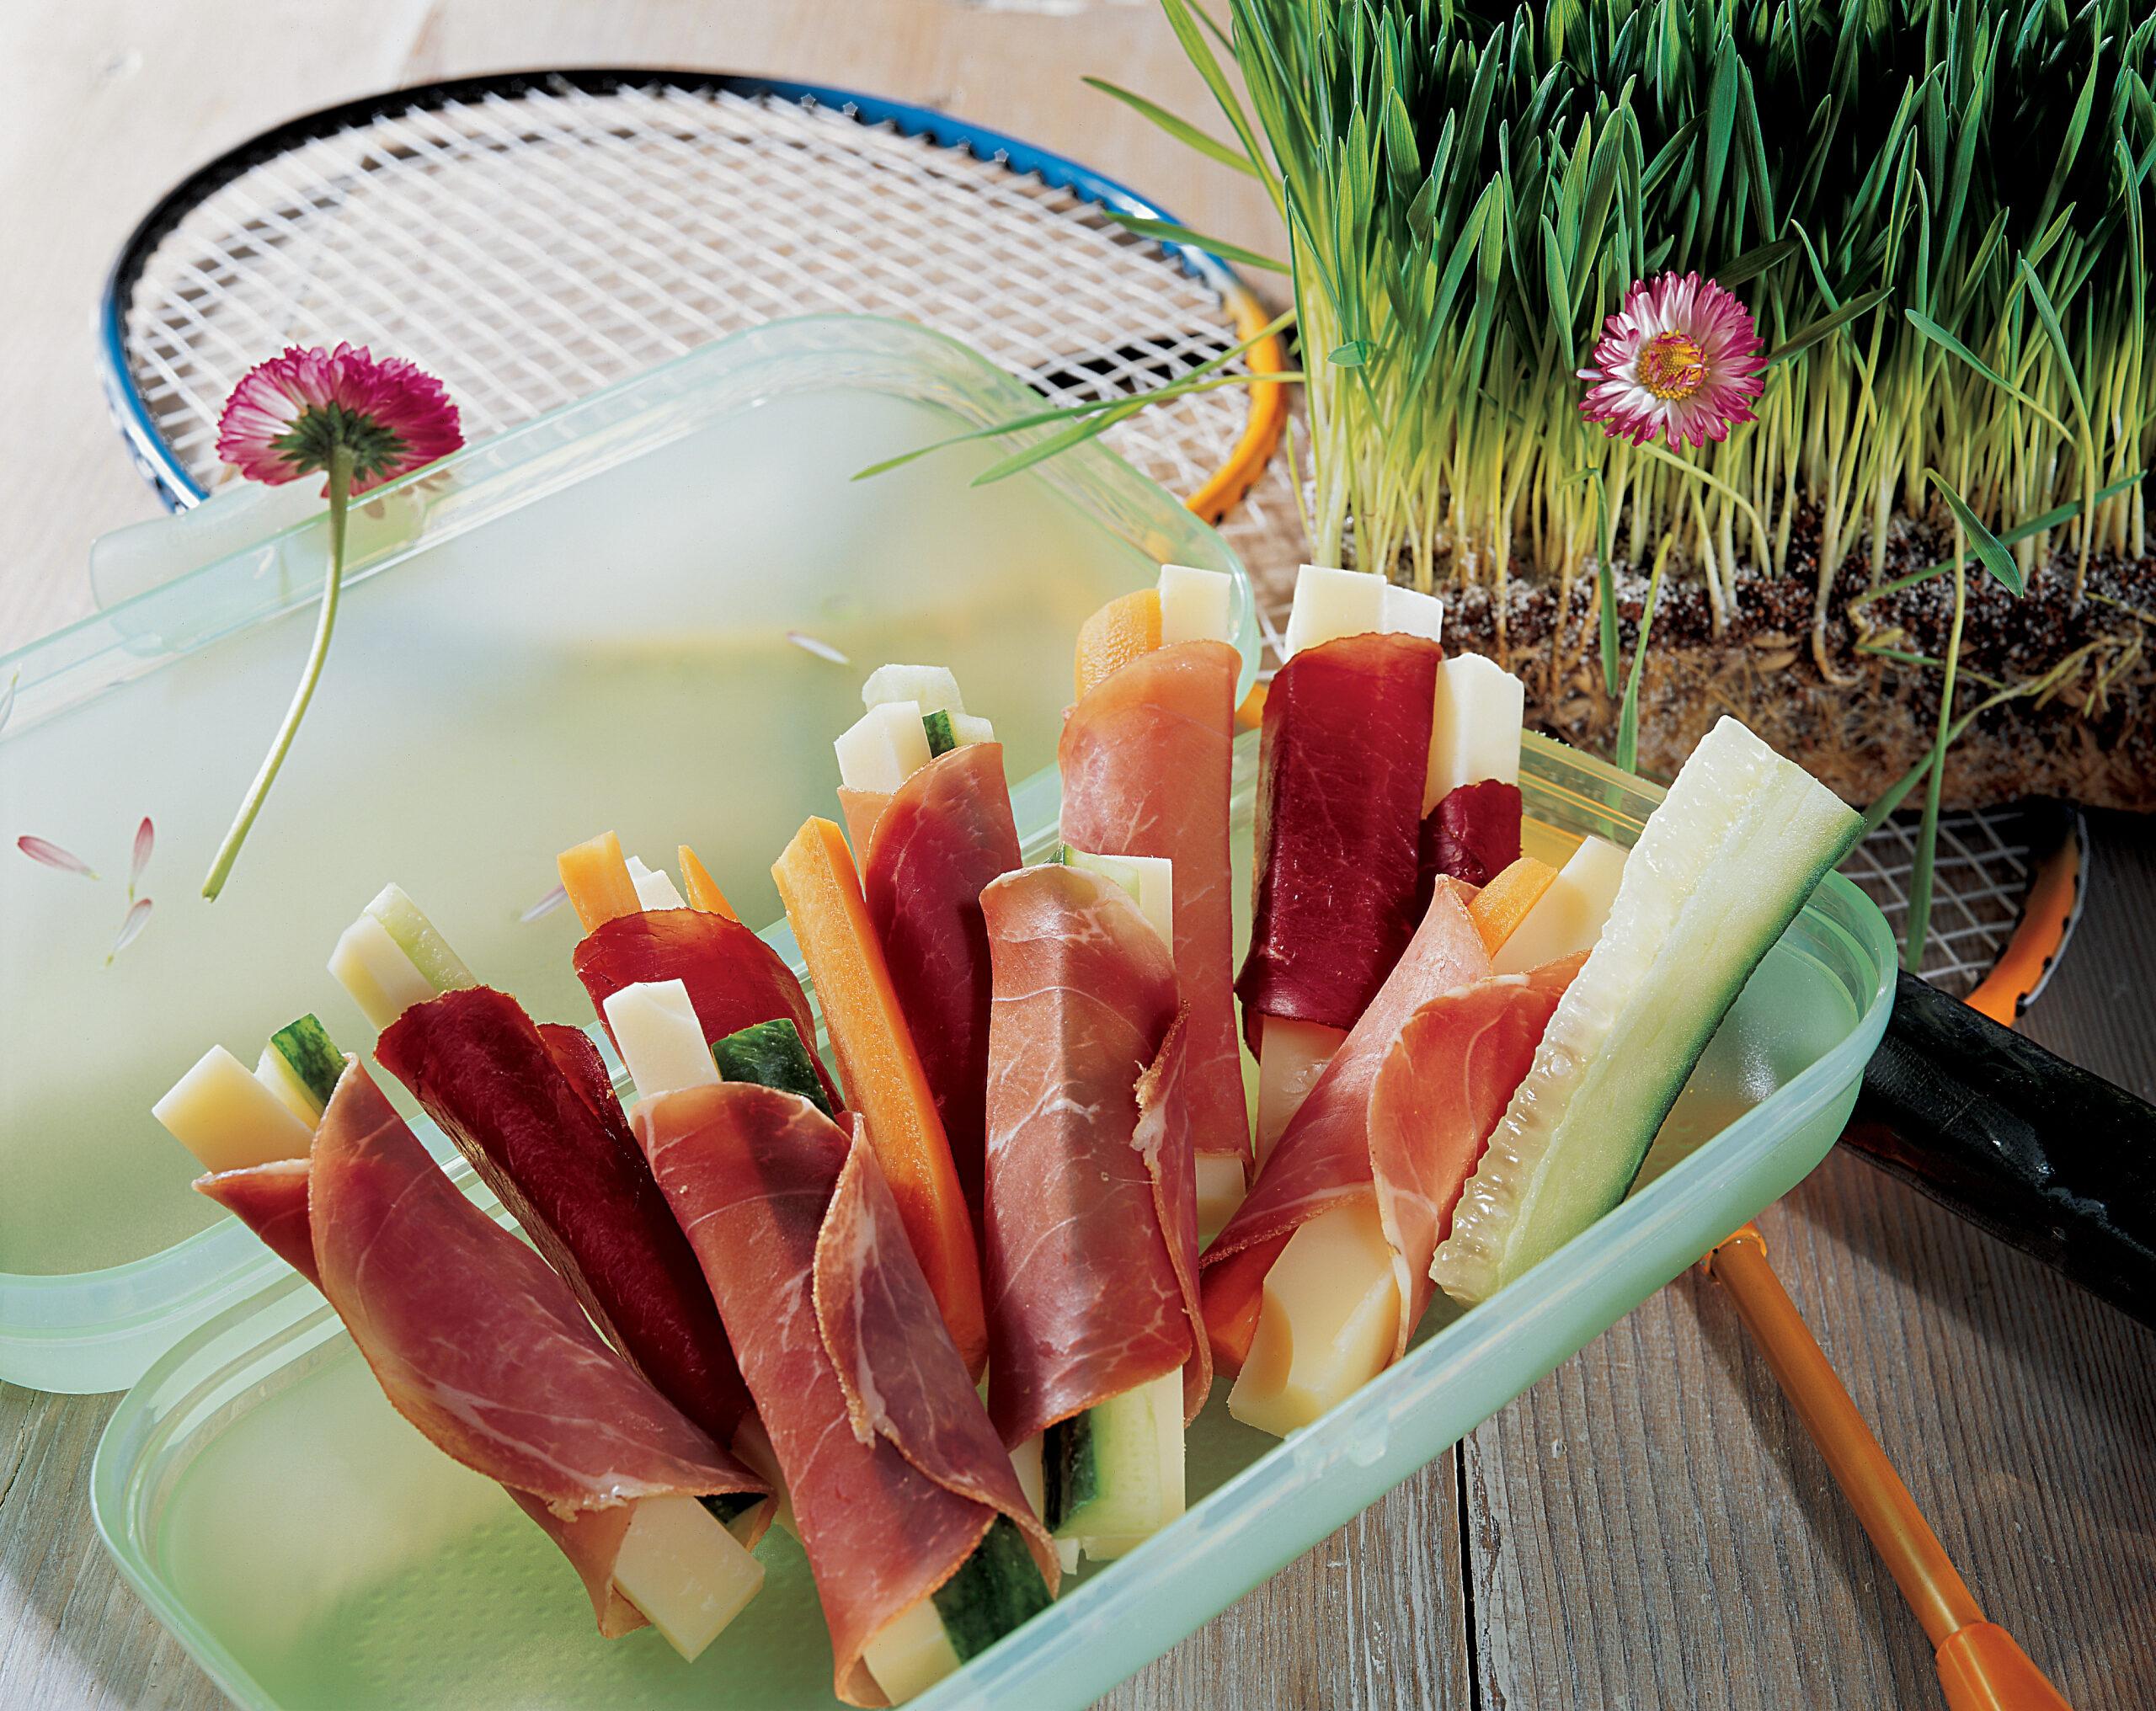 Bâtonnets à la viande séchée (low carb)